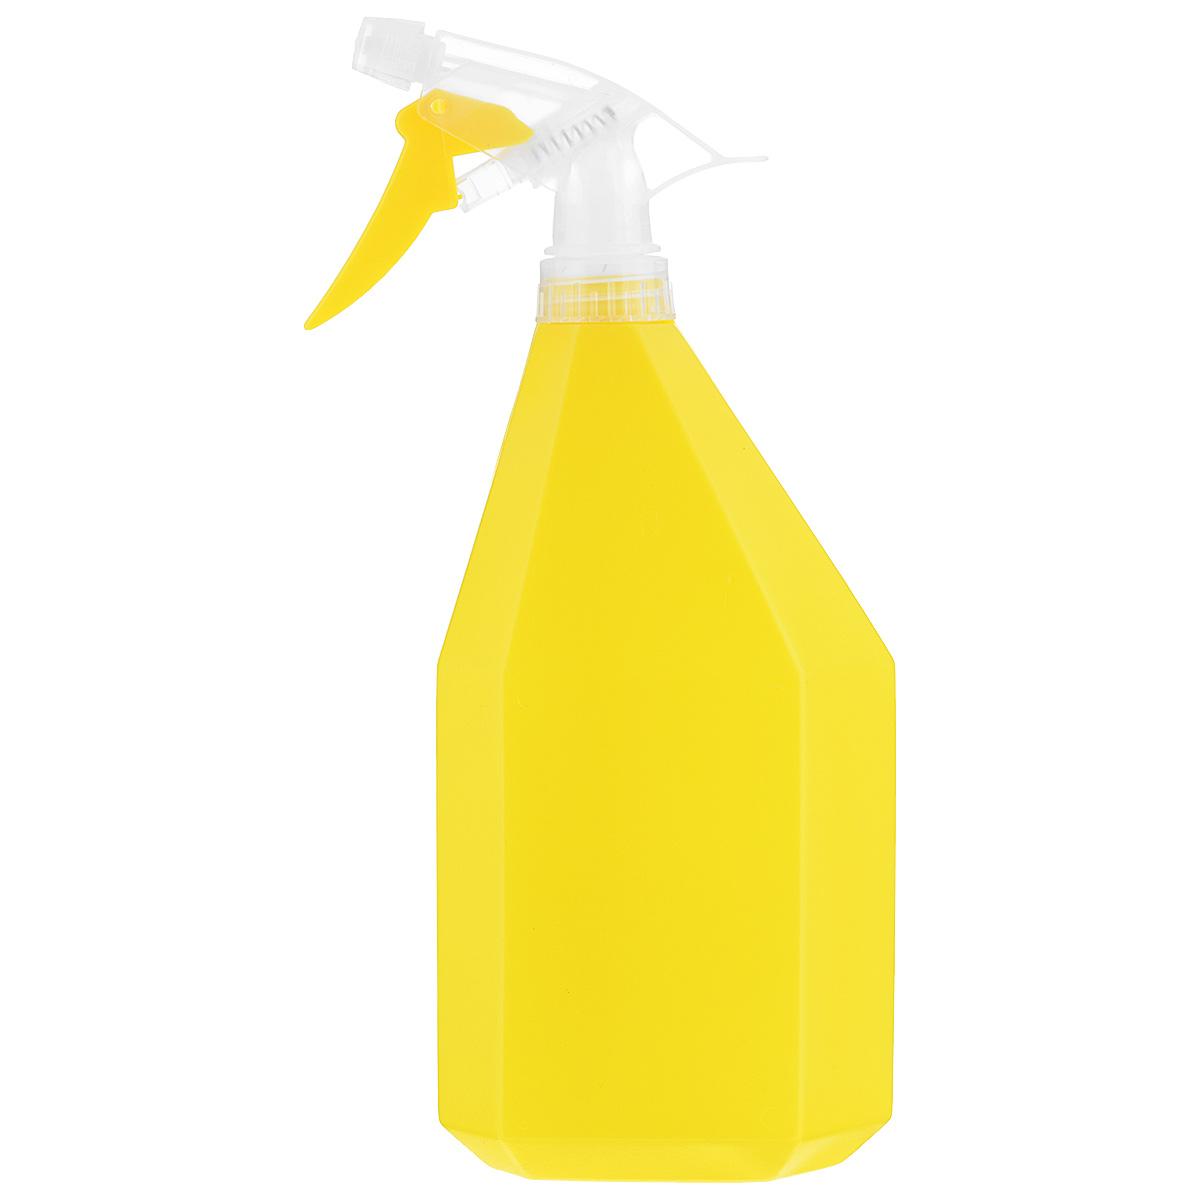 Опрыскиватель Idea Конус, цвет: желтый, 1 л м пластика